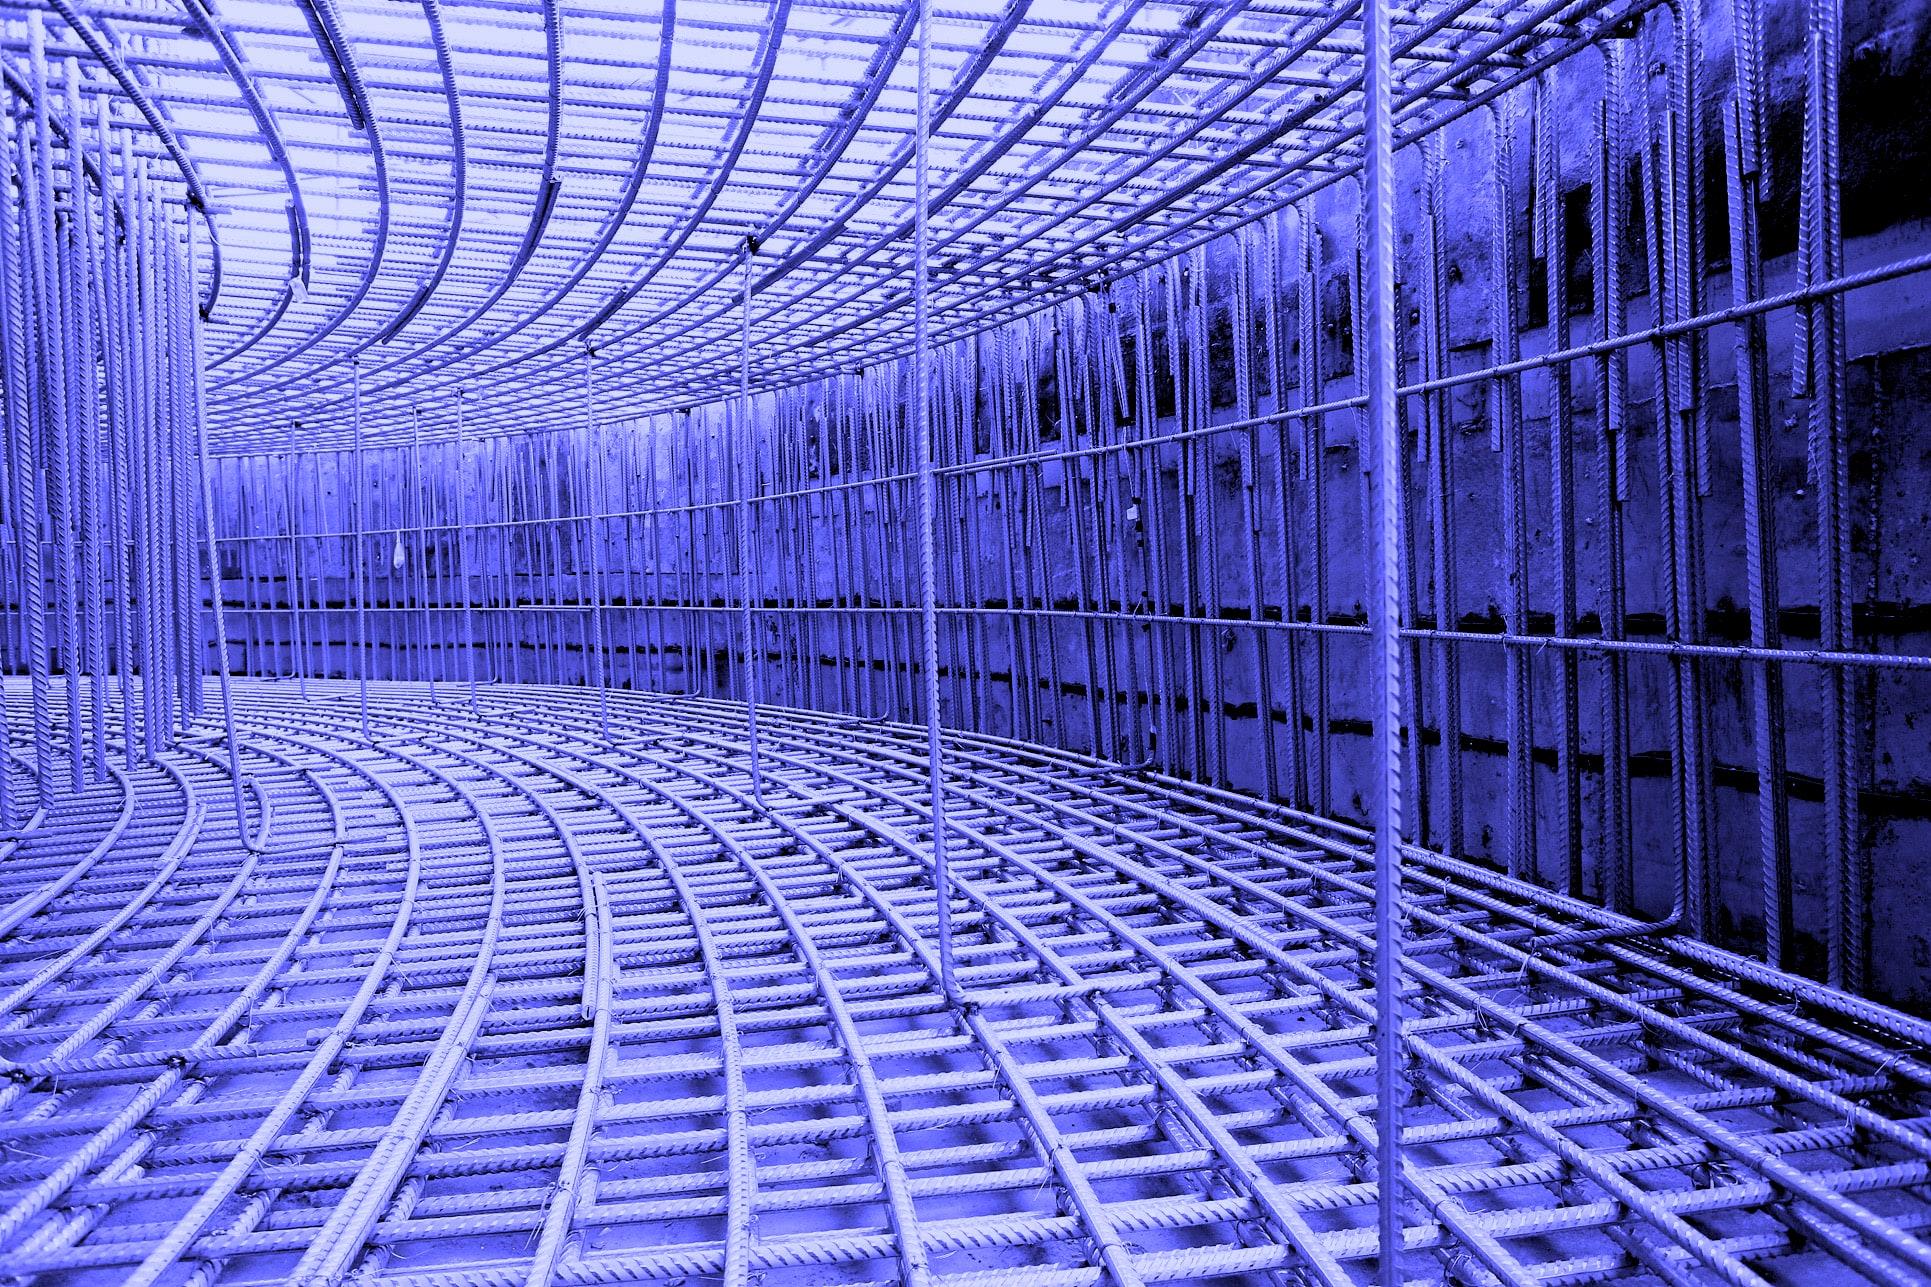 Stainless-Steel-Reinforcing-Bars.jpg